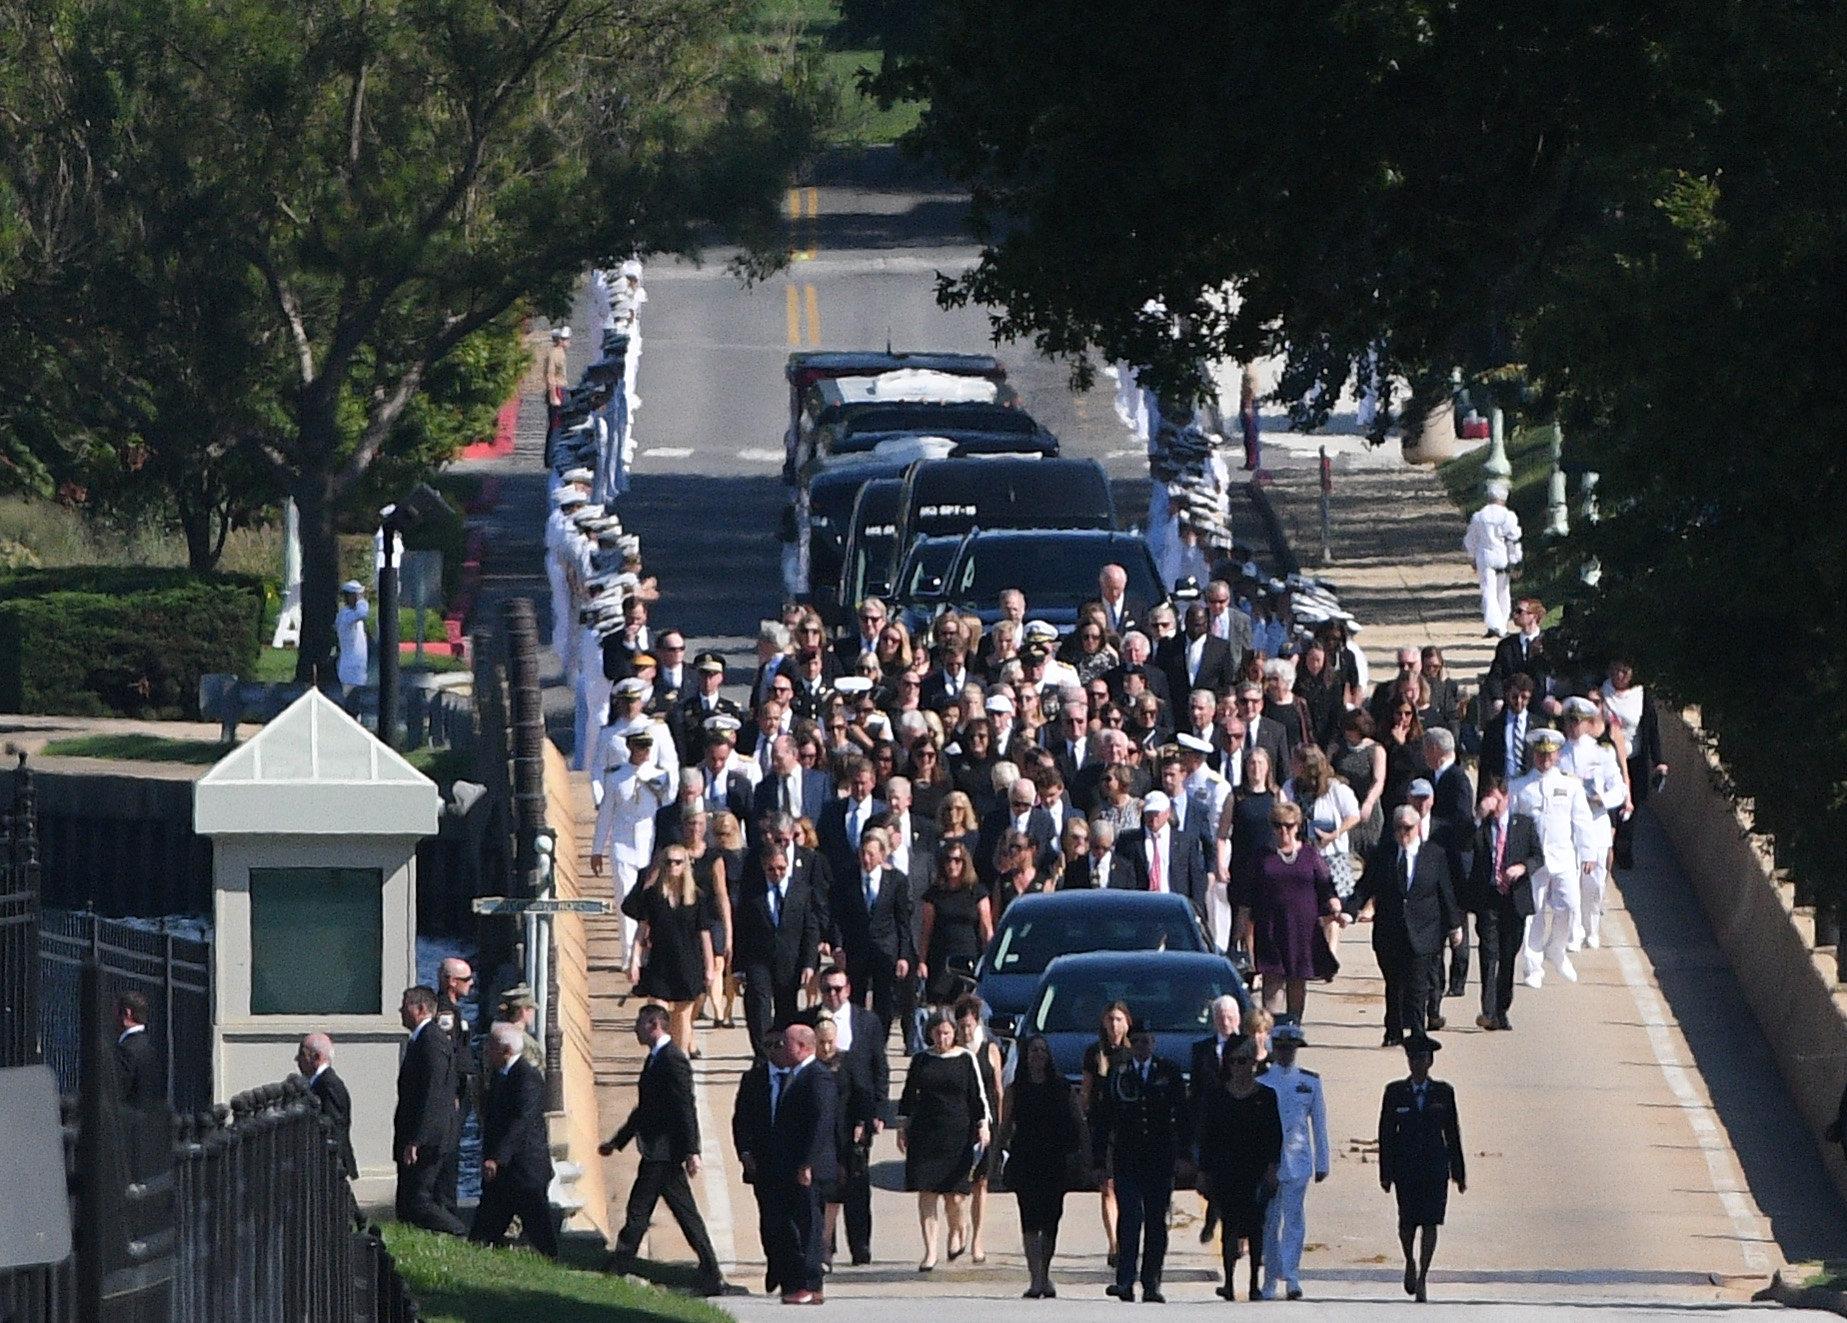 المسئولين الأمريكيين يشاركون فى مراسم الدفن